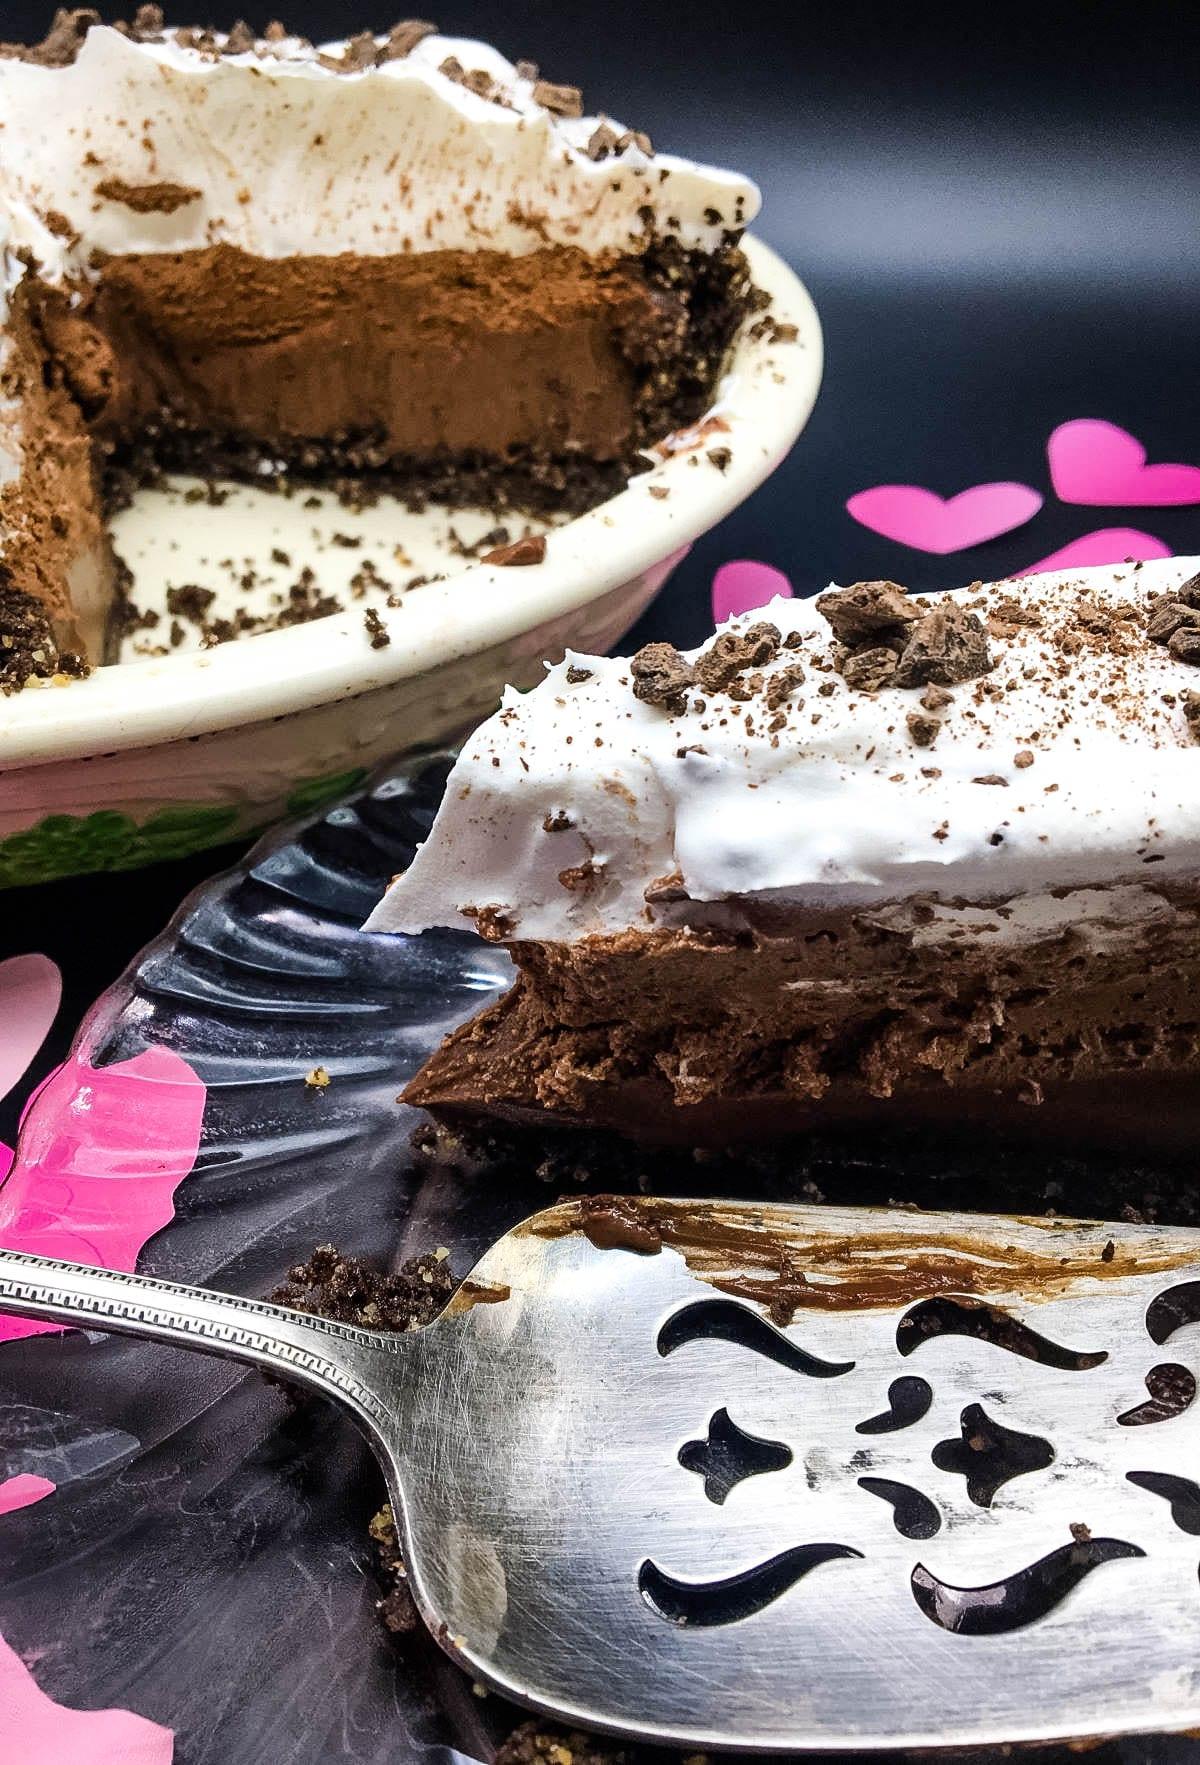 slice of chocolate pie on plate next to whole pie